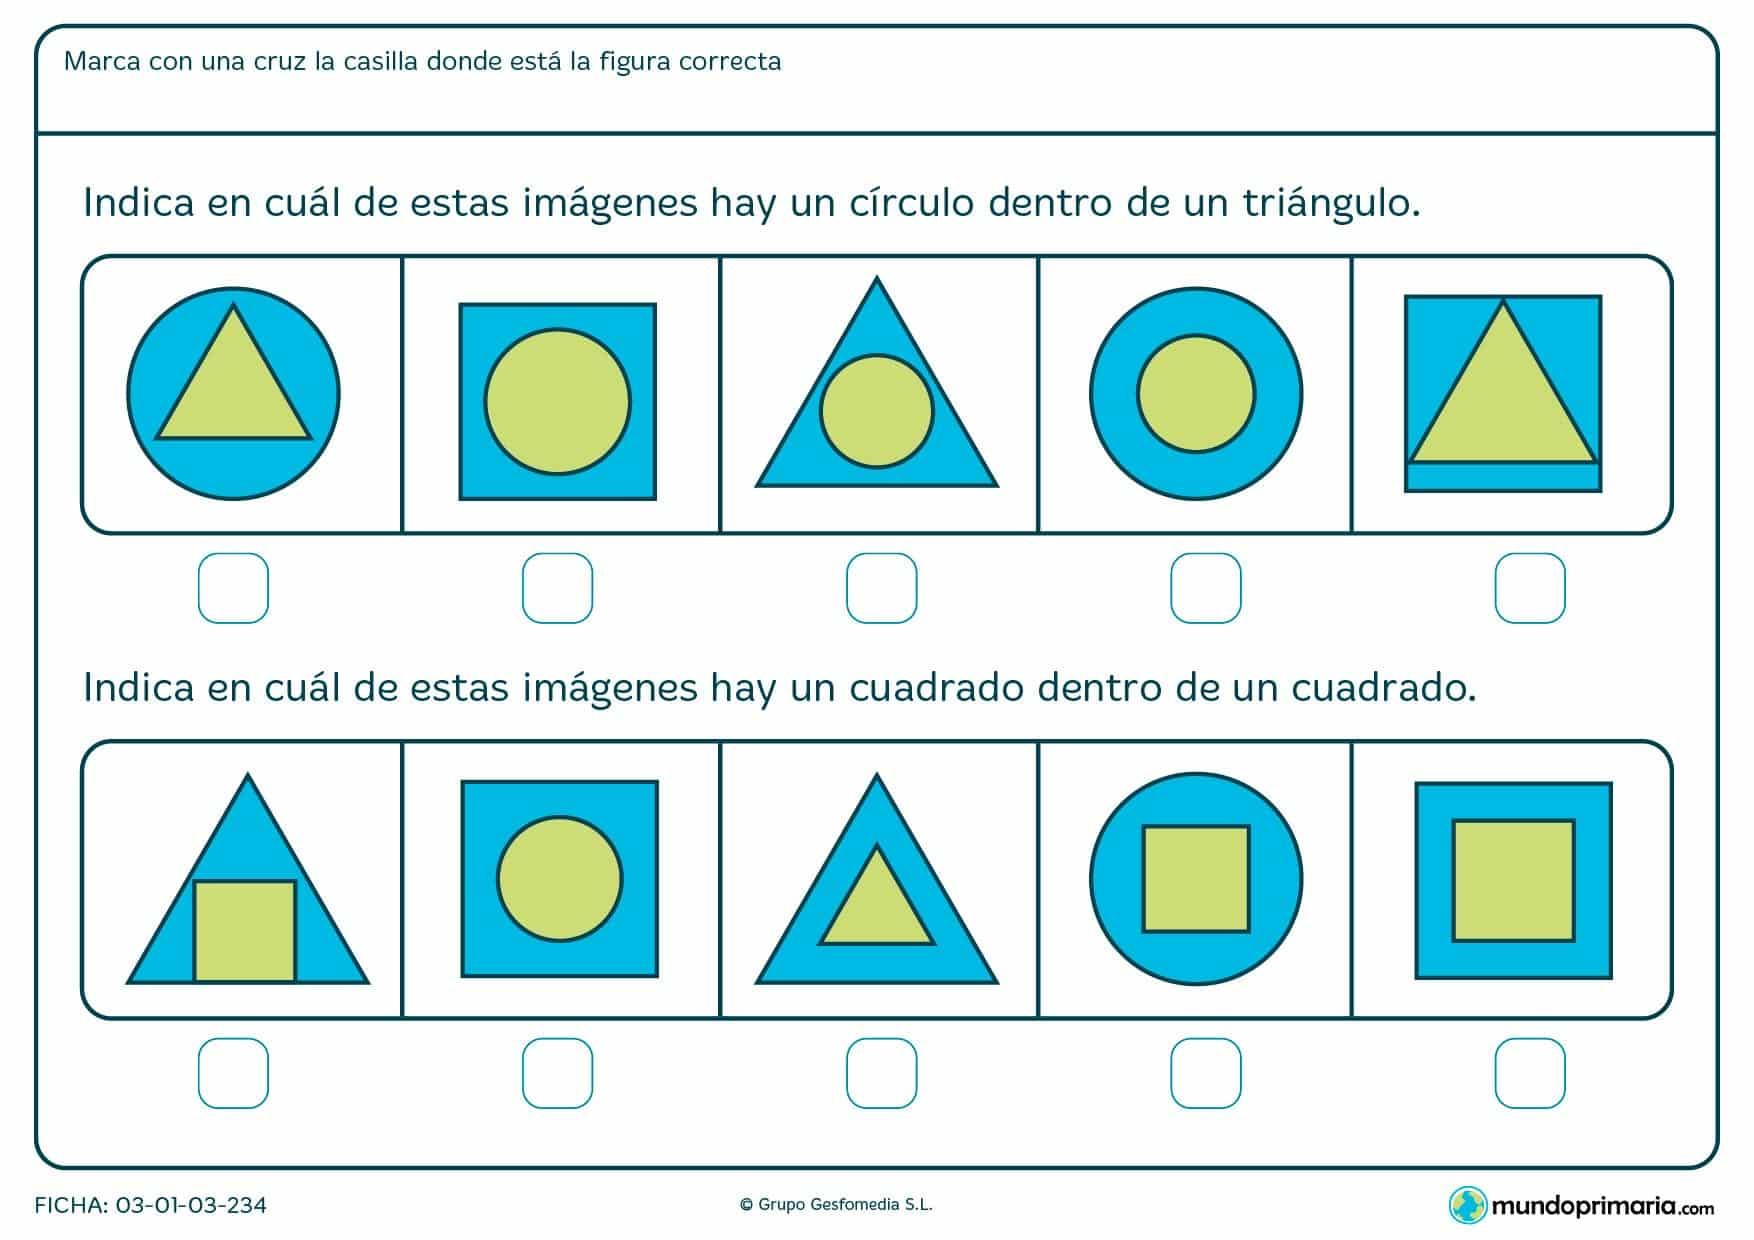 Ficha de identificar círculos y cuadrados en la que hay que hacer una marca en la figura correspondiente.